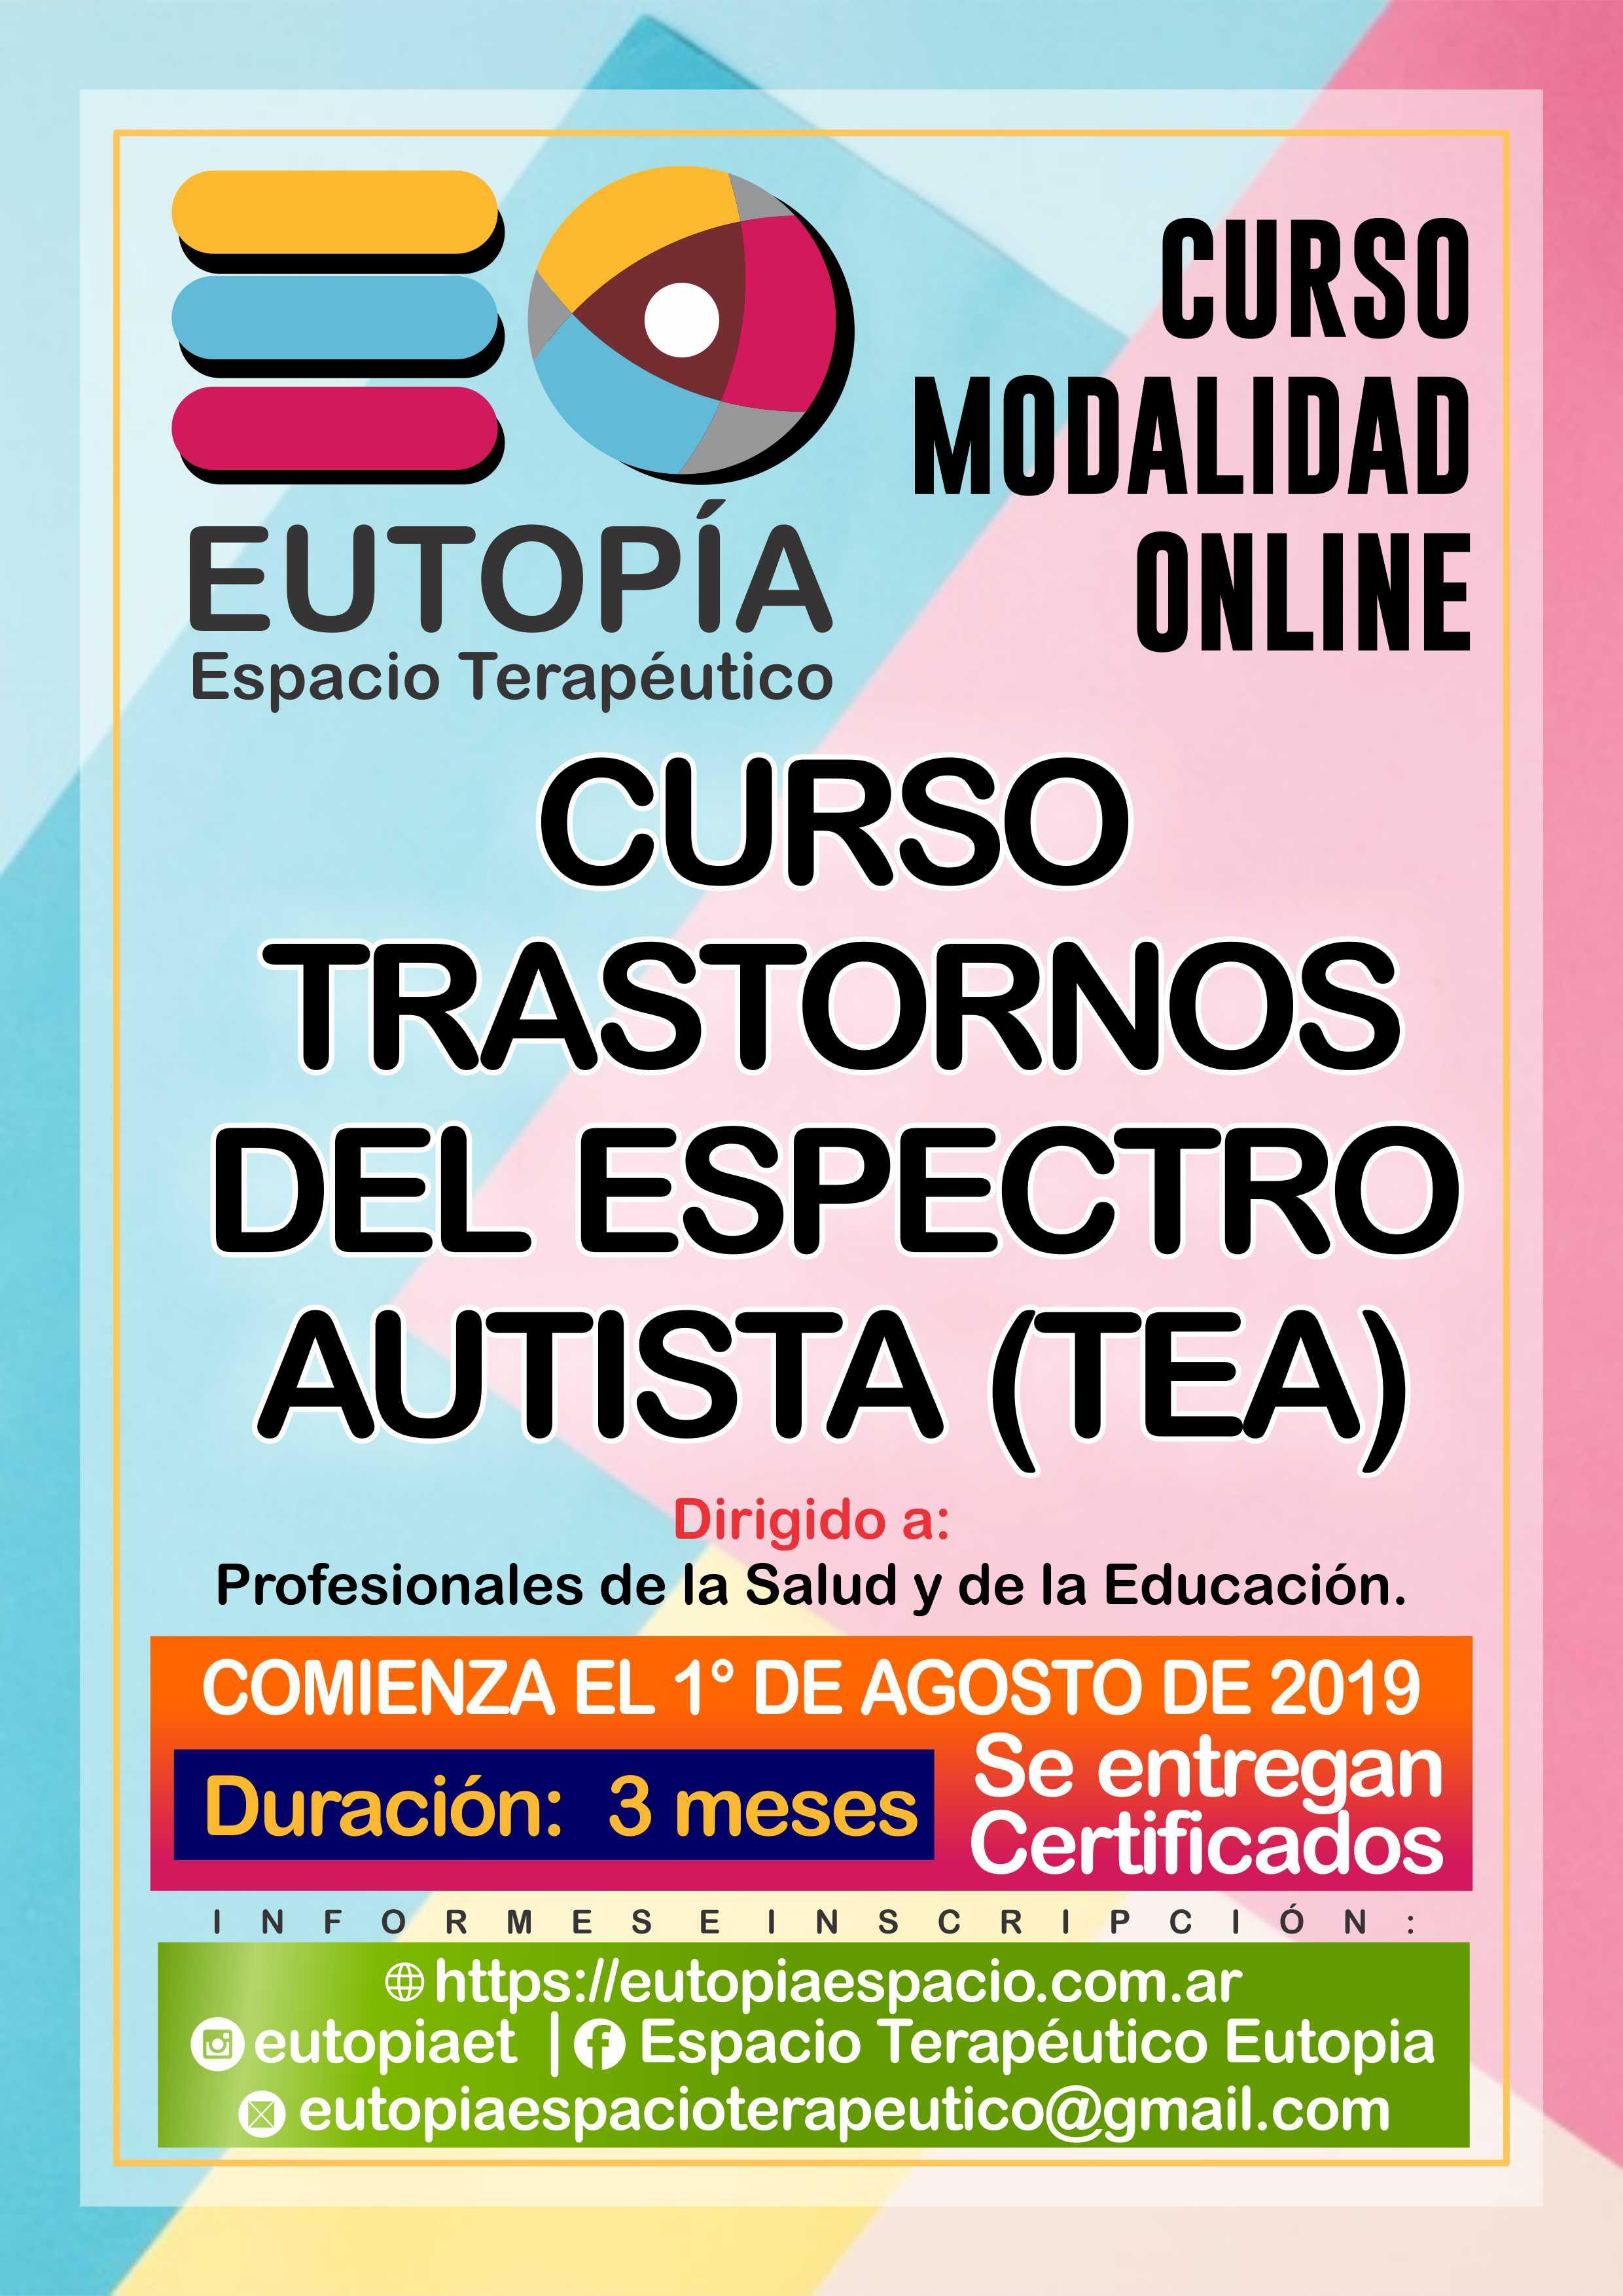 Trastorno del Espectro Autista (TEA) 2019 (2)